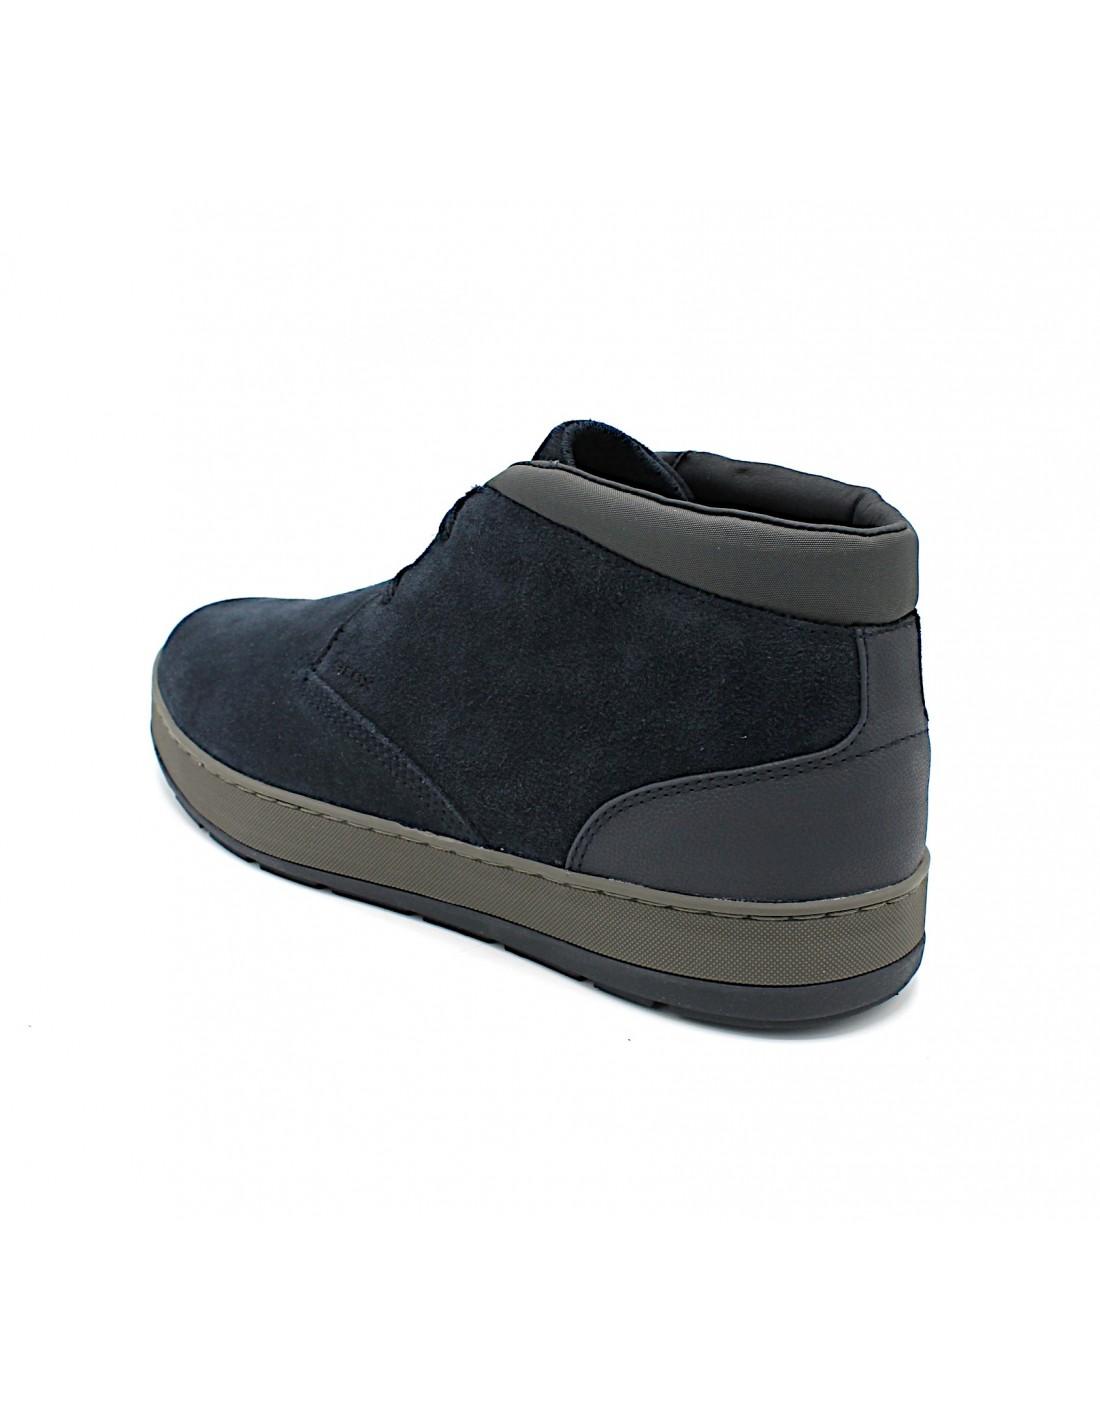 Dettagli su Geox Respira scarpe da uomo polacchine invernali stivletto in camoscio casual